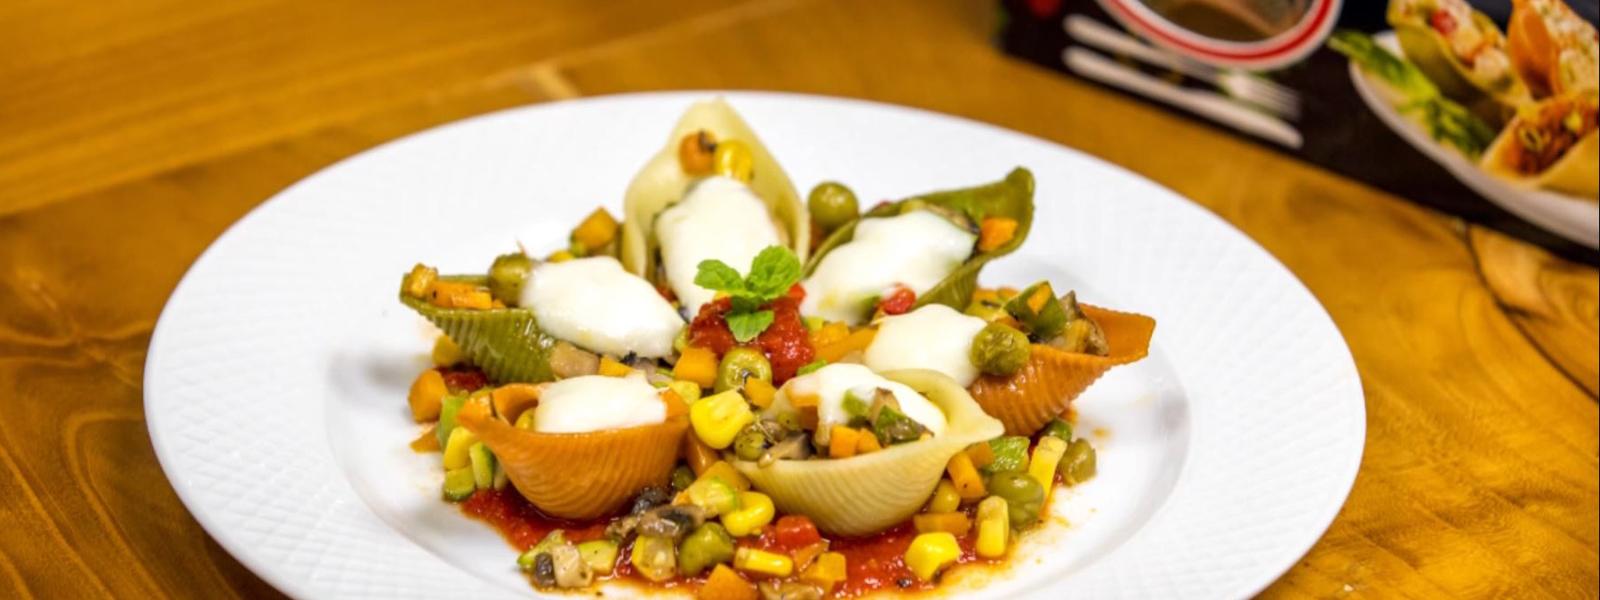 جامبو سبزیجات پرشده با سبزیجات و گوجه